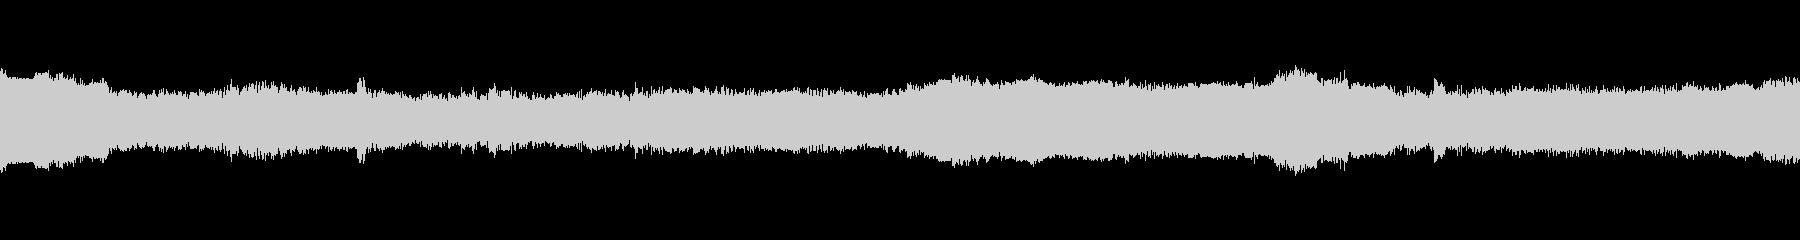 機械が演算をしているときの音の未再生の波形